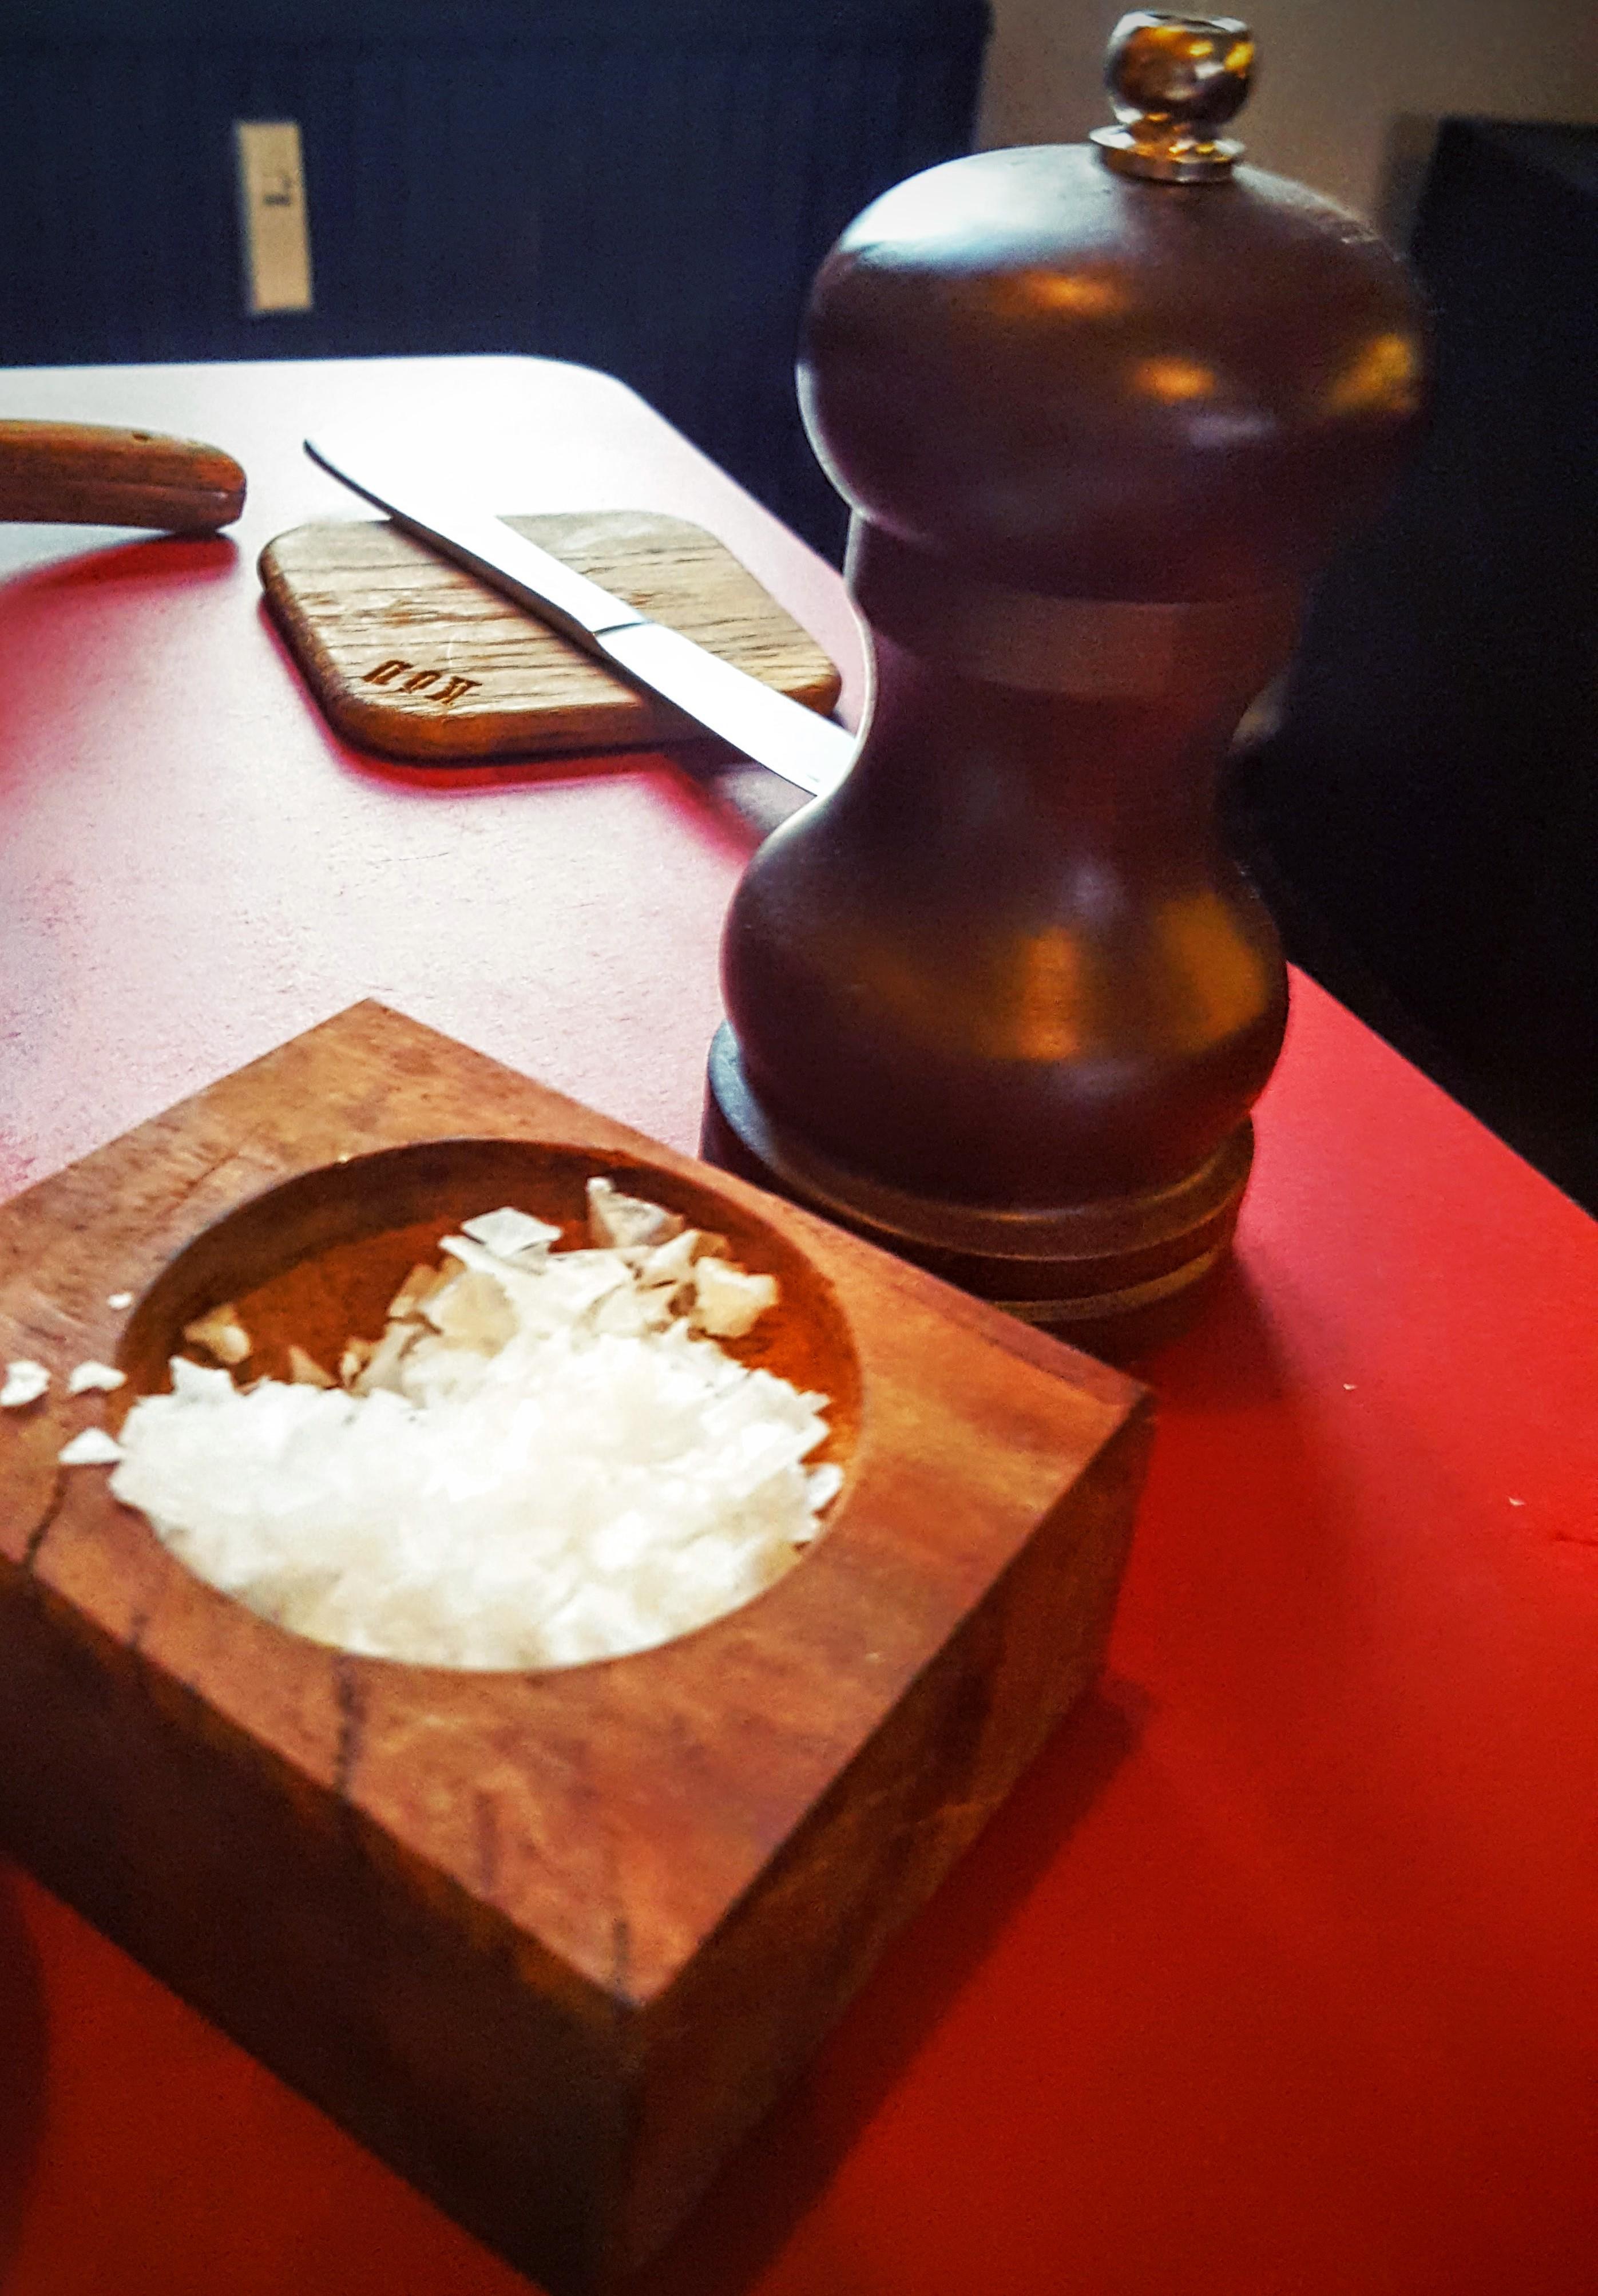 Köd brød skærebræt, træskål med salt flager og peberkværn